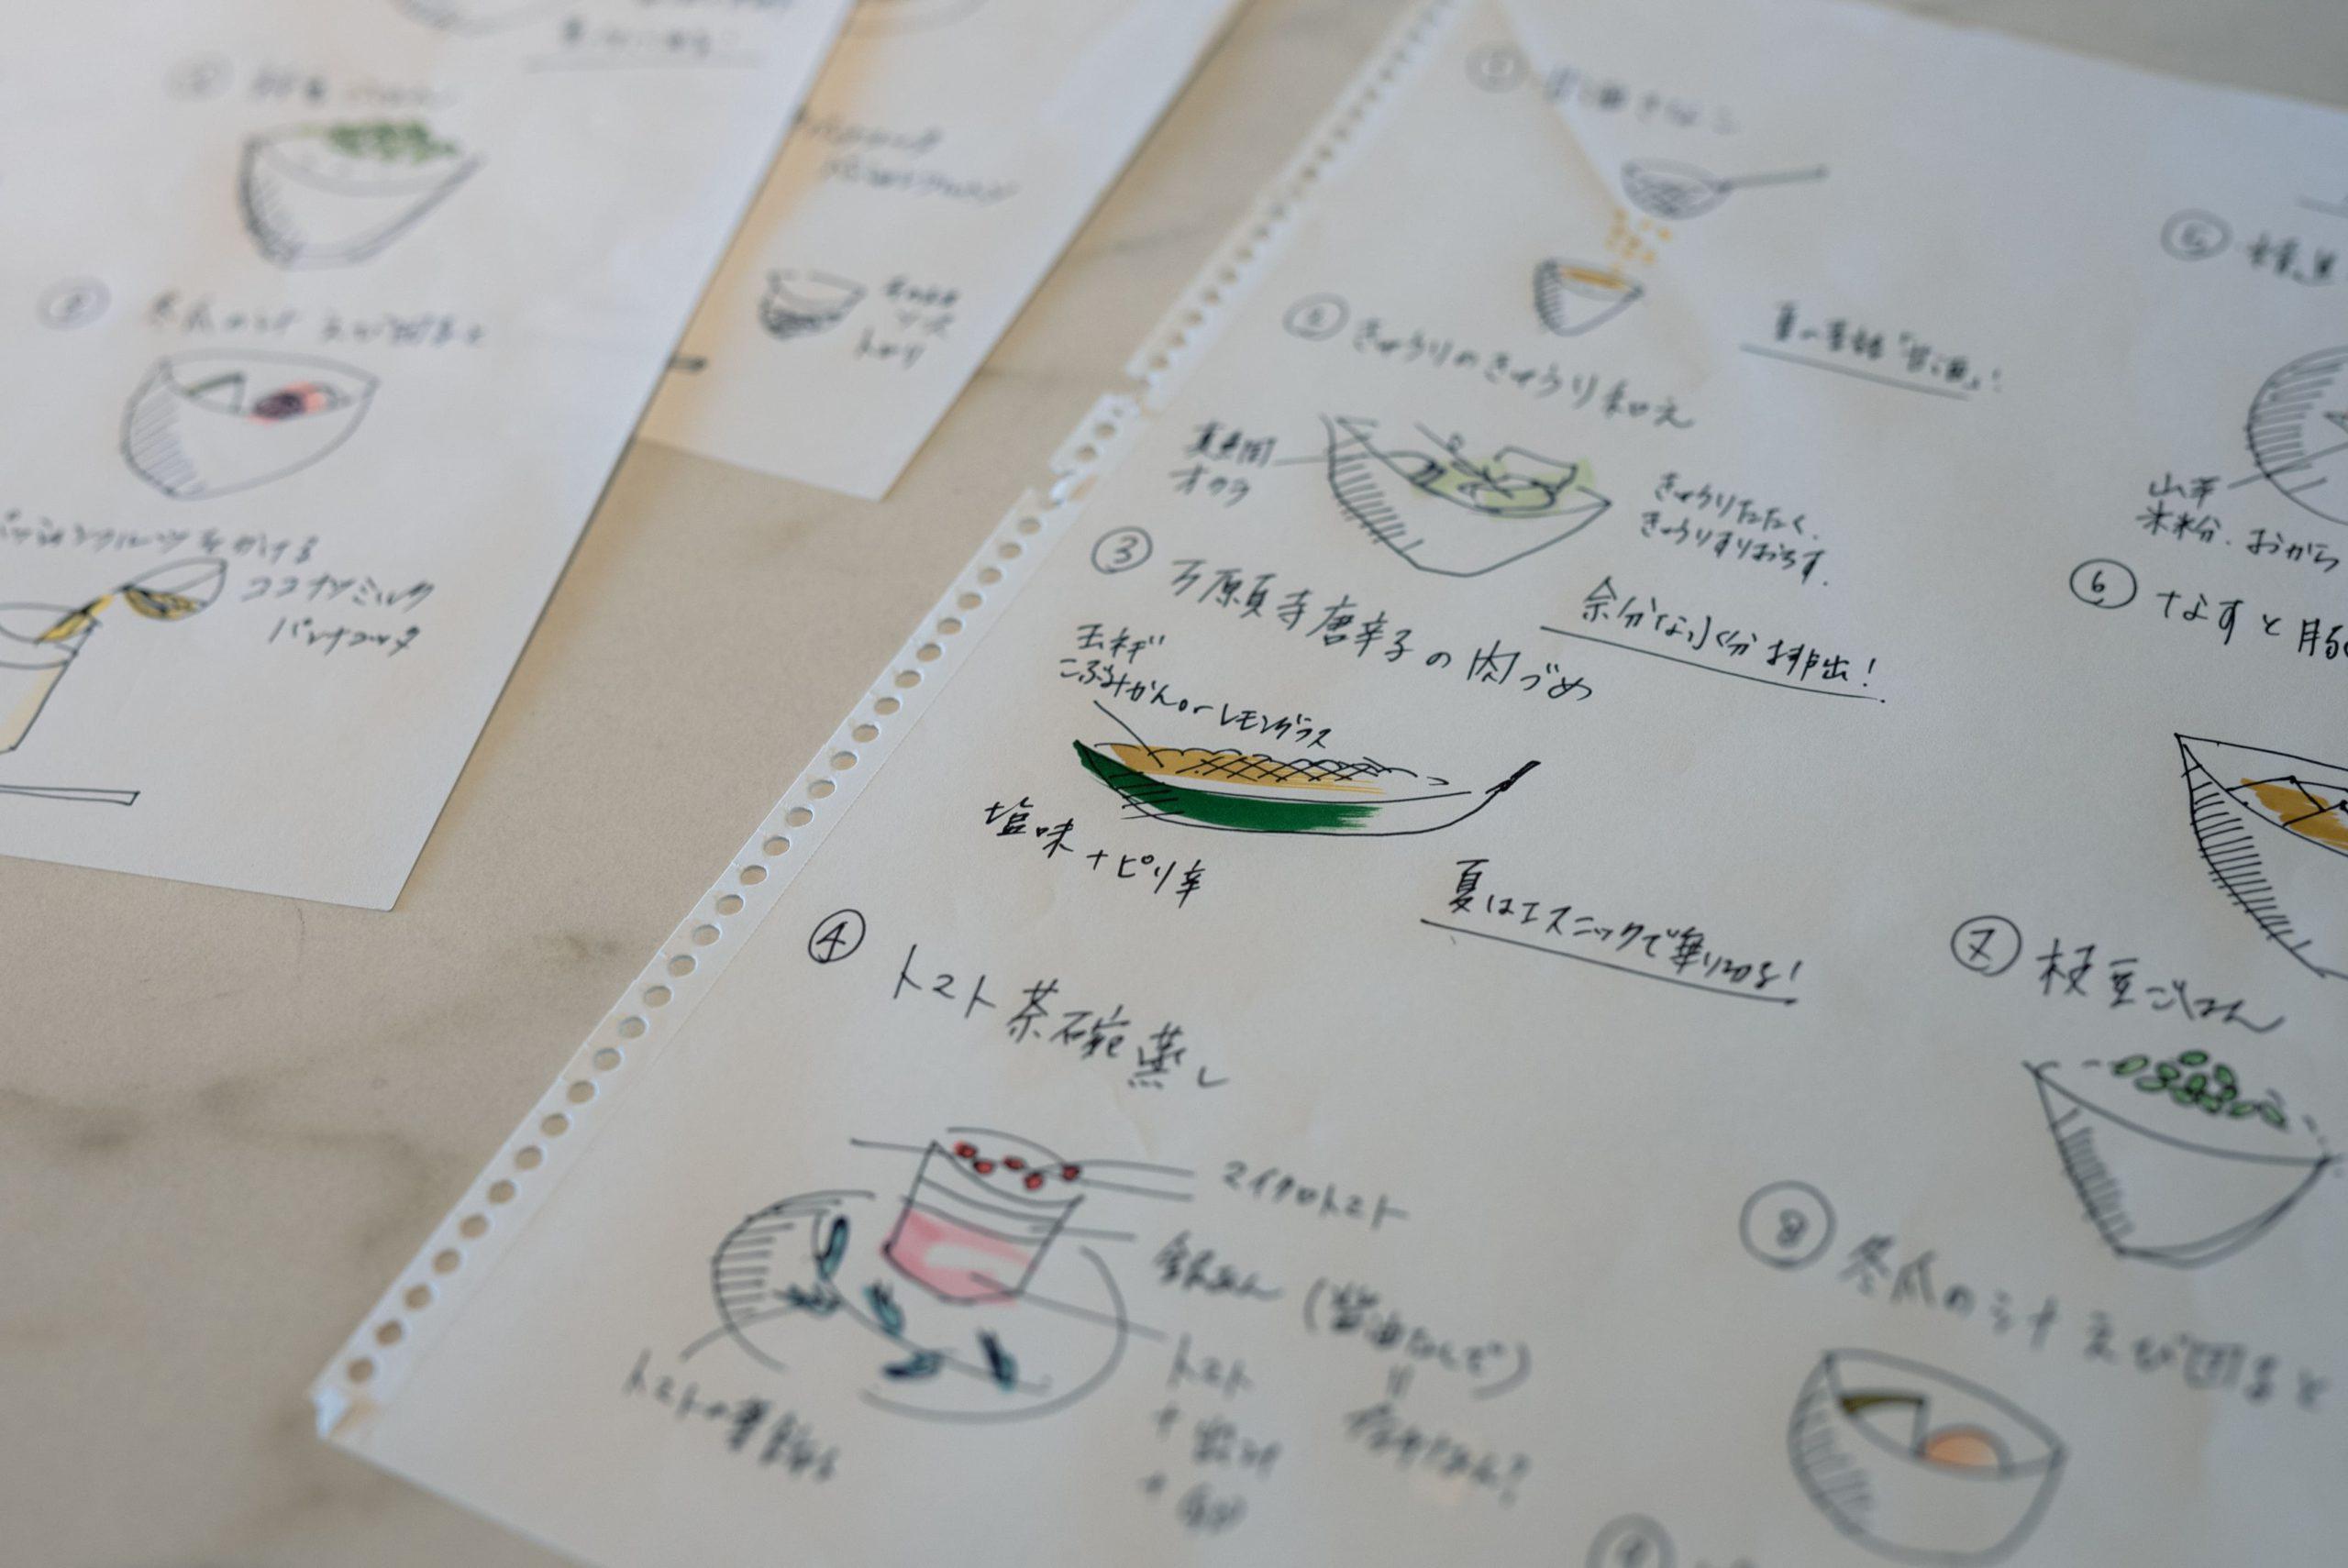 昔からメモ魔だったという谷尻さん。イラストでレシピを描いてイメージを膨らましていく。